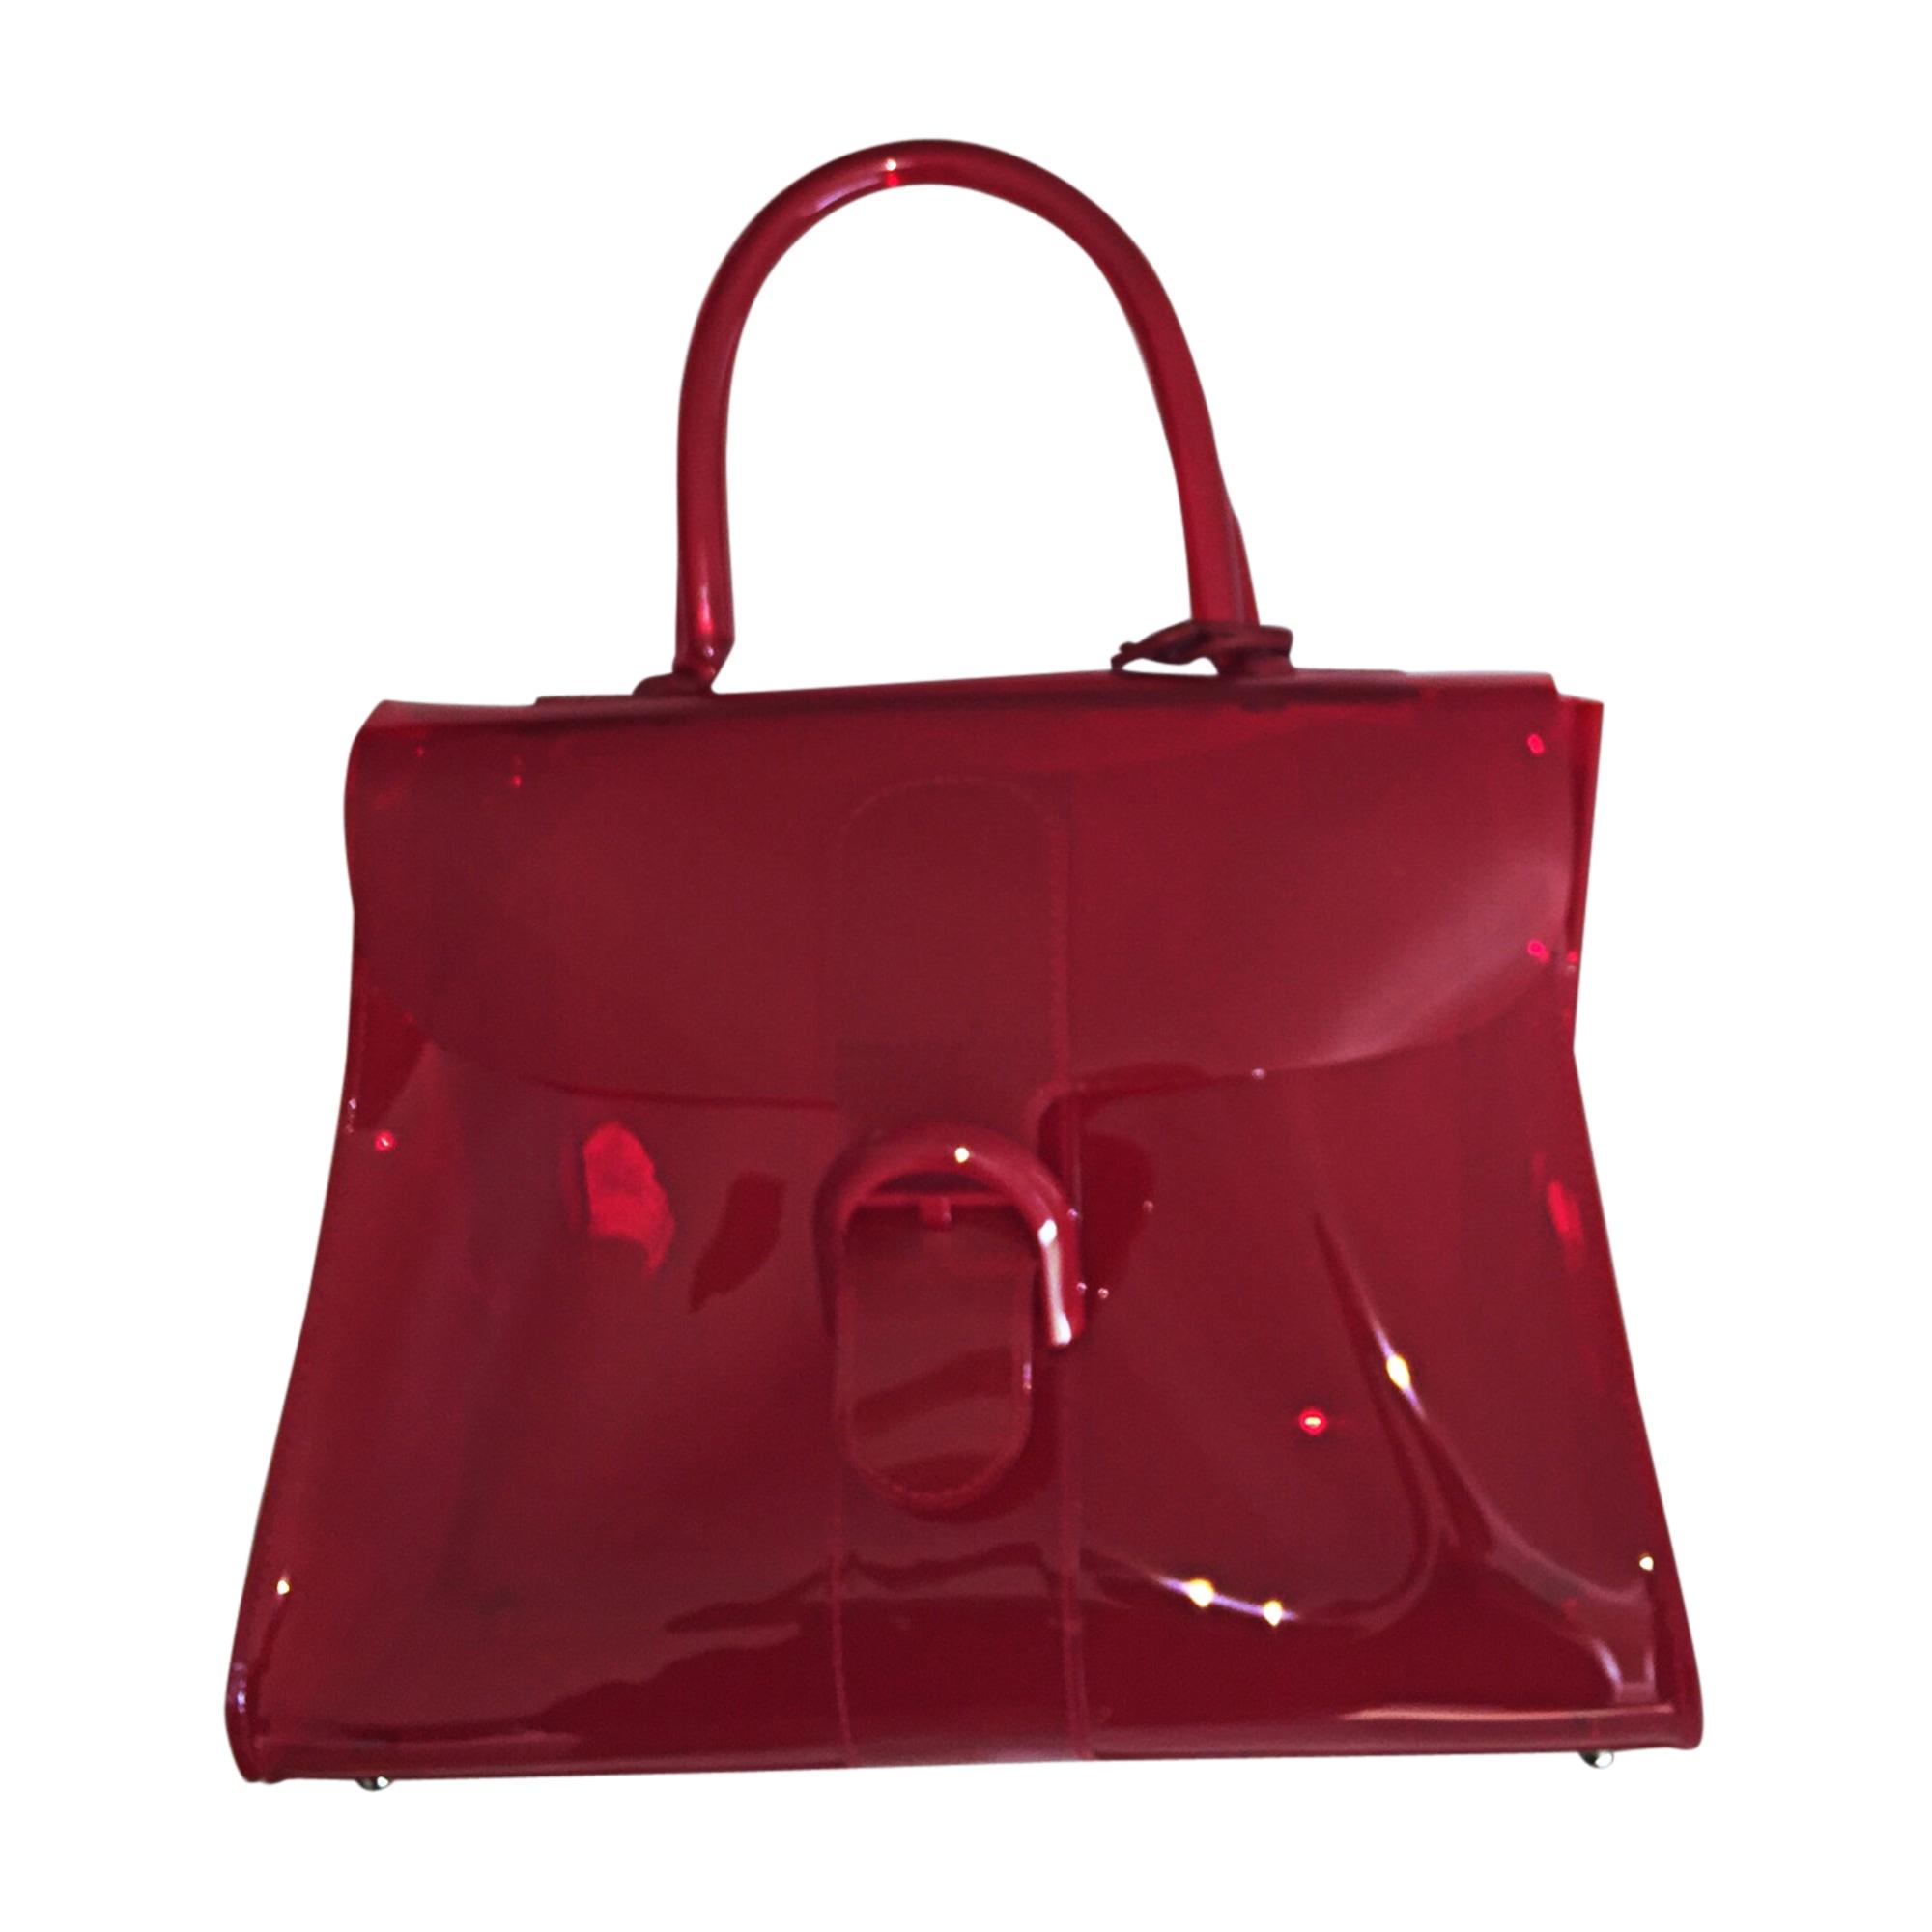 cuir à Sac Rouge en vif DELVAUX main transparent wBtFHAqBWc